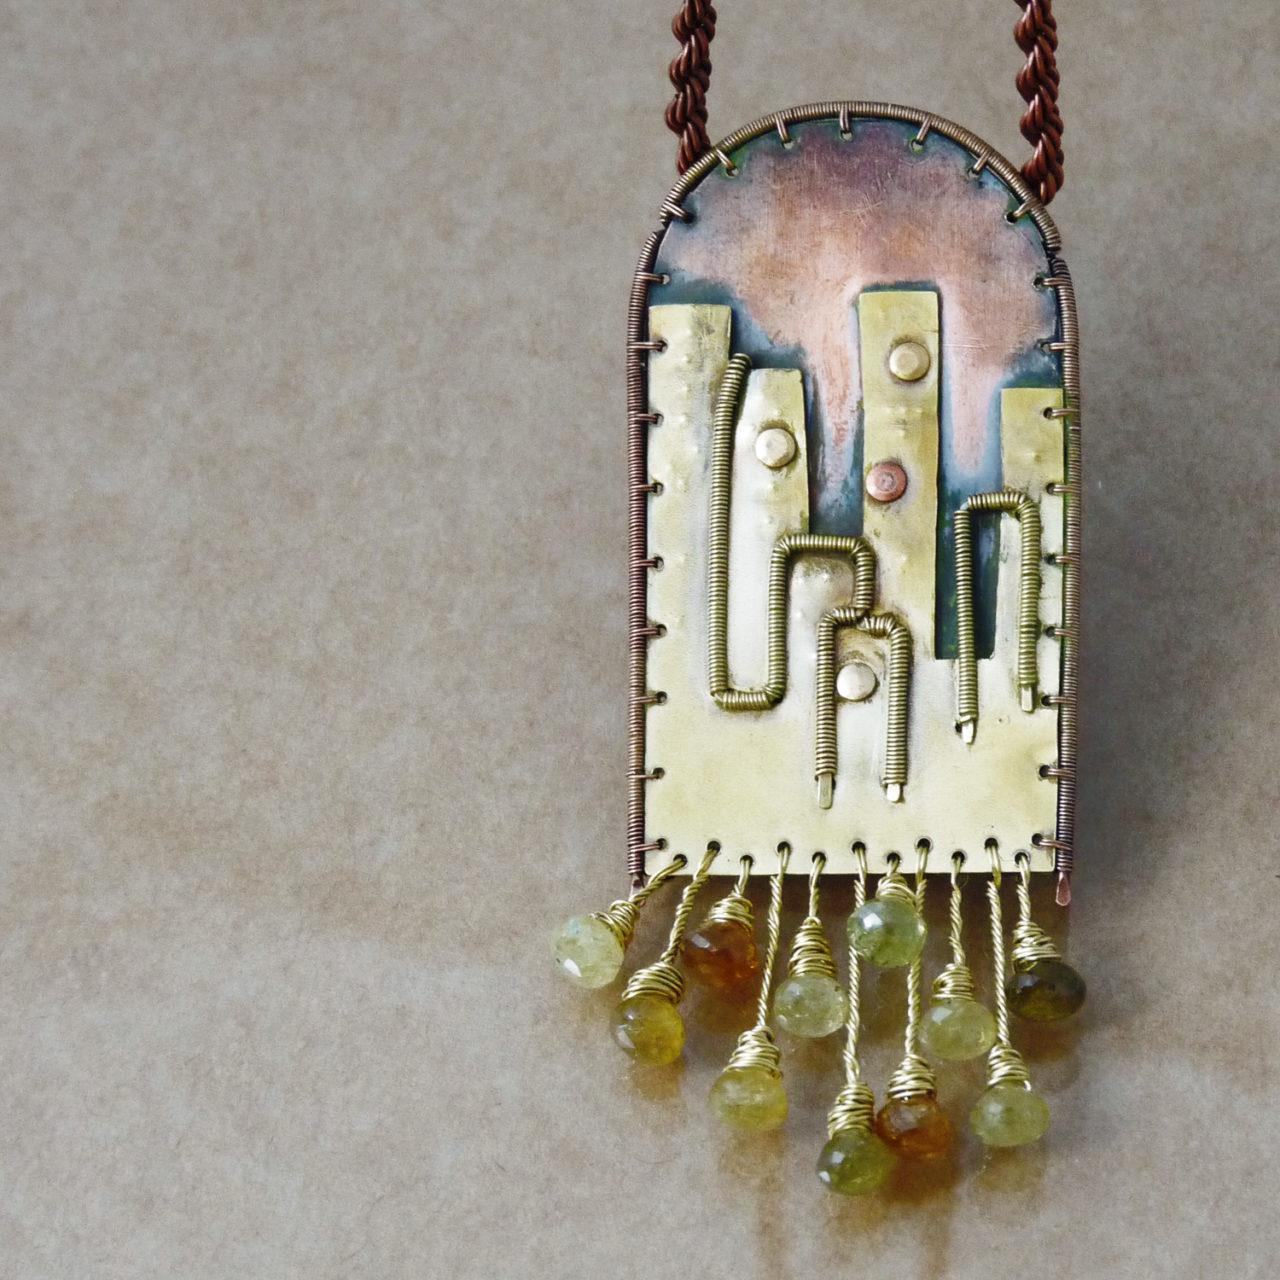 Neopakovatelný autorský drátovaný náhrdelník z mědi, mosazi a zelených granátů inspirovaný architekturou a životem velkoměst v rukou.